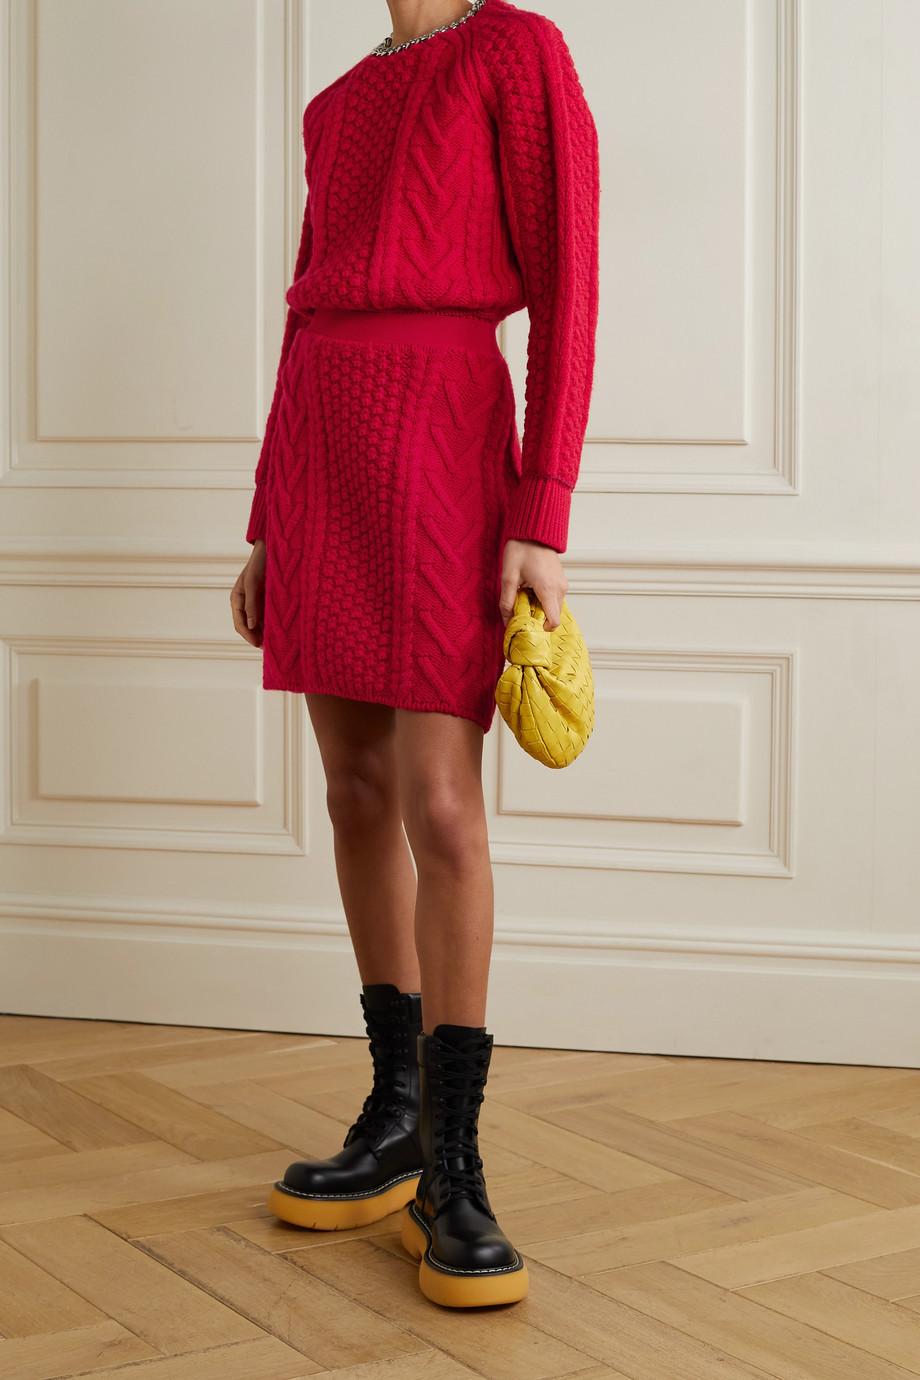 Bottega Veneta Rückenfreier Pullover aus Wolle mit Zopfstrickdetails und Kette